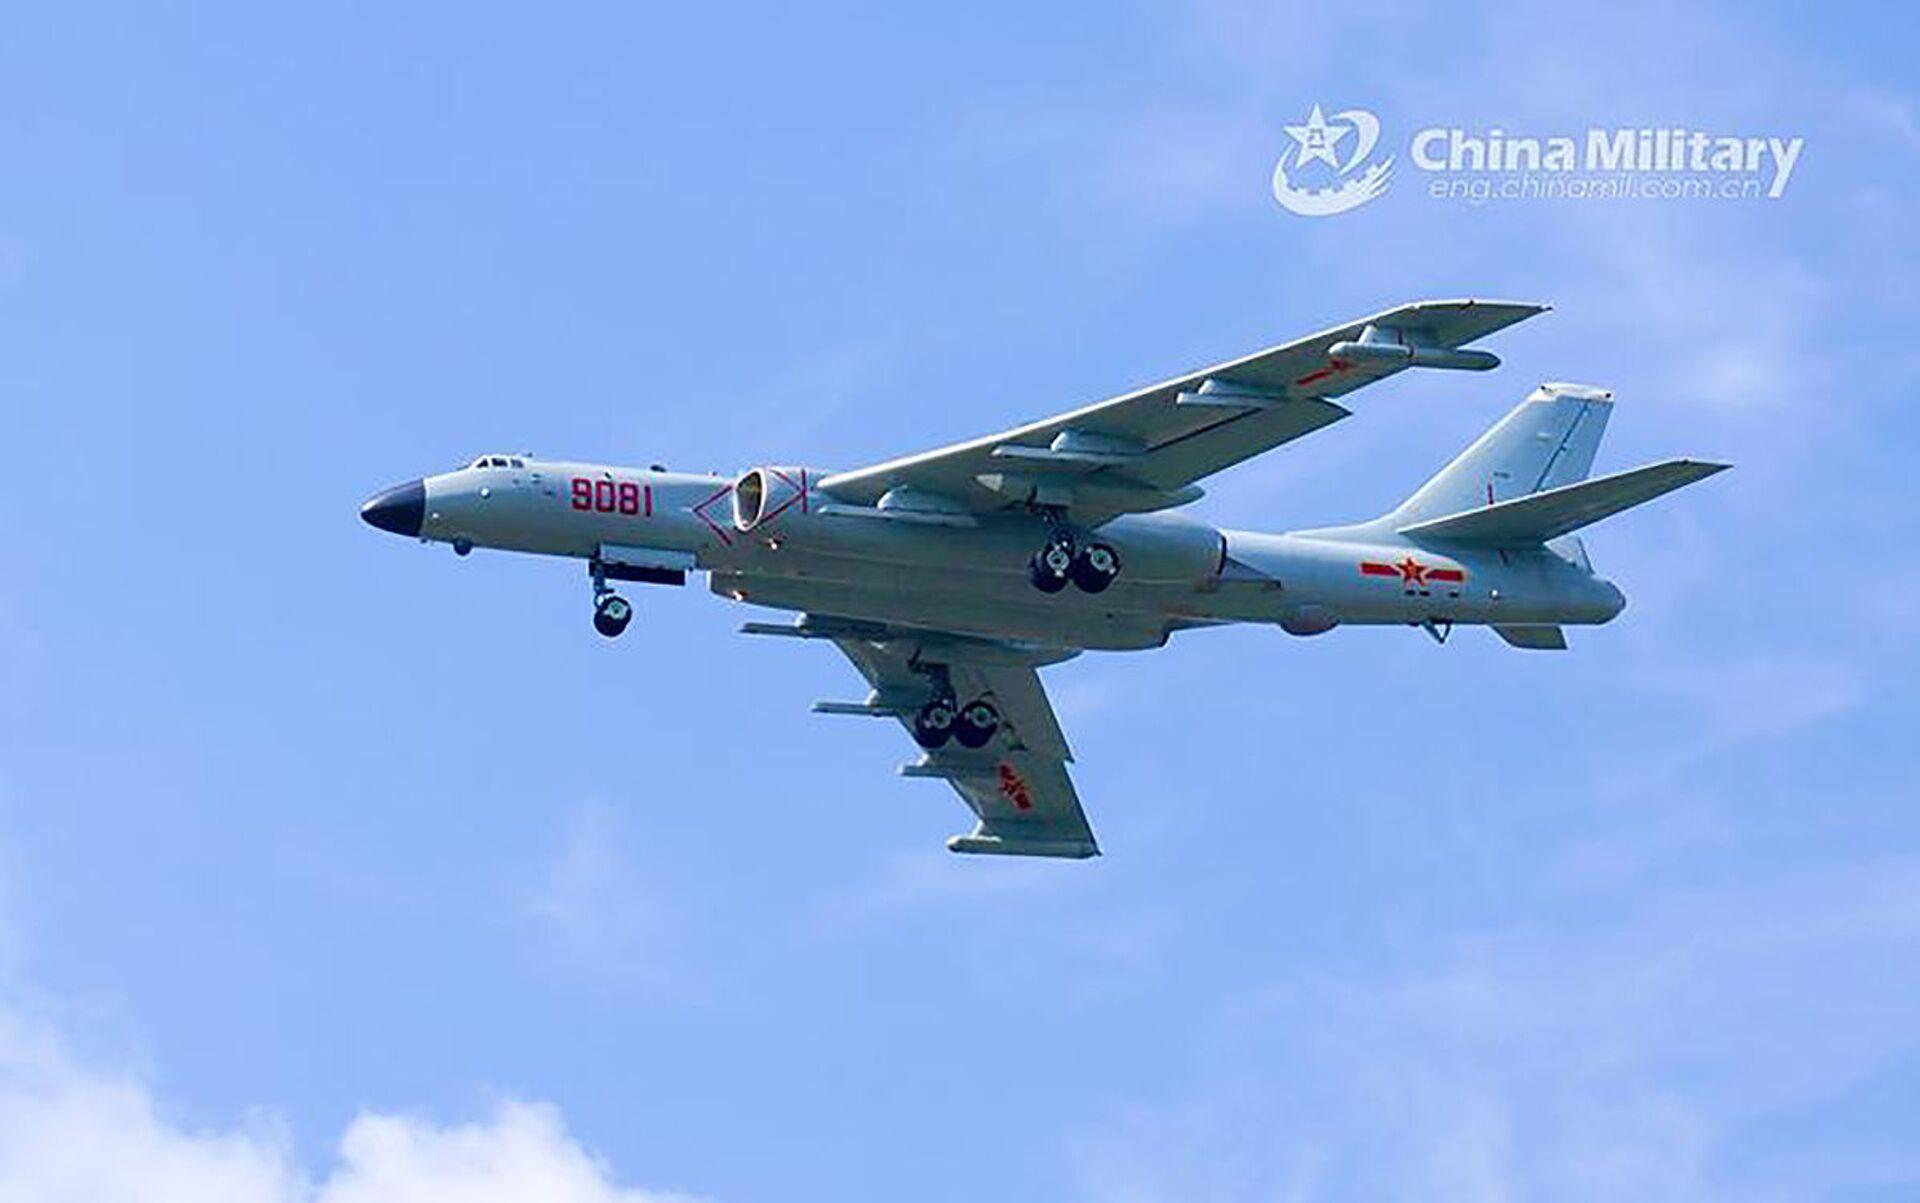 Máy bay ném bom Trung Quốc H-20 sẽ được sử dụng thế nào? - Sputnik Việt Nam, 1920, 01.06.2021